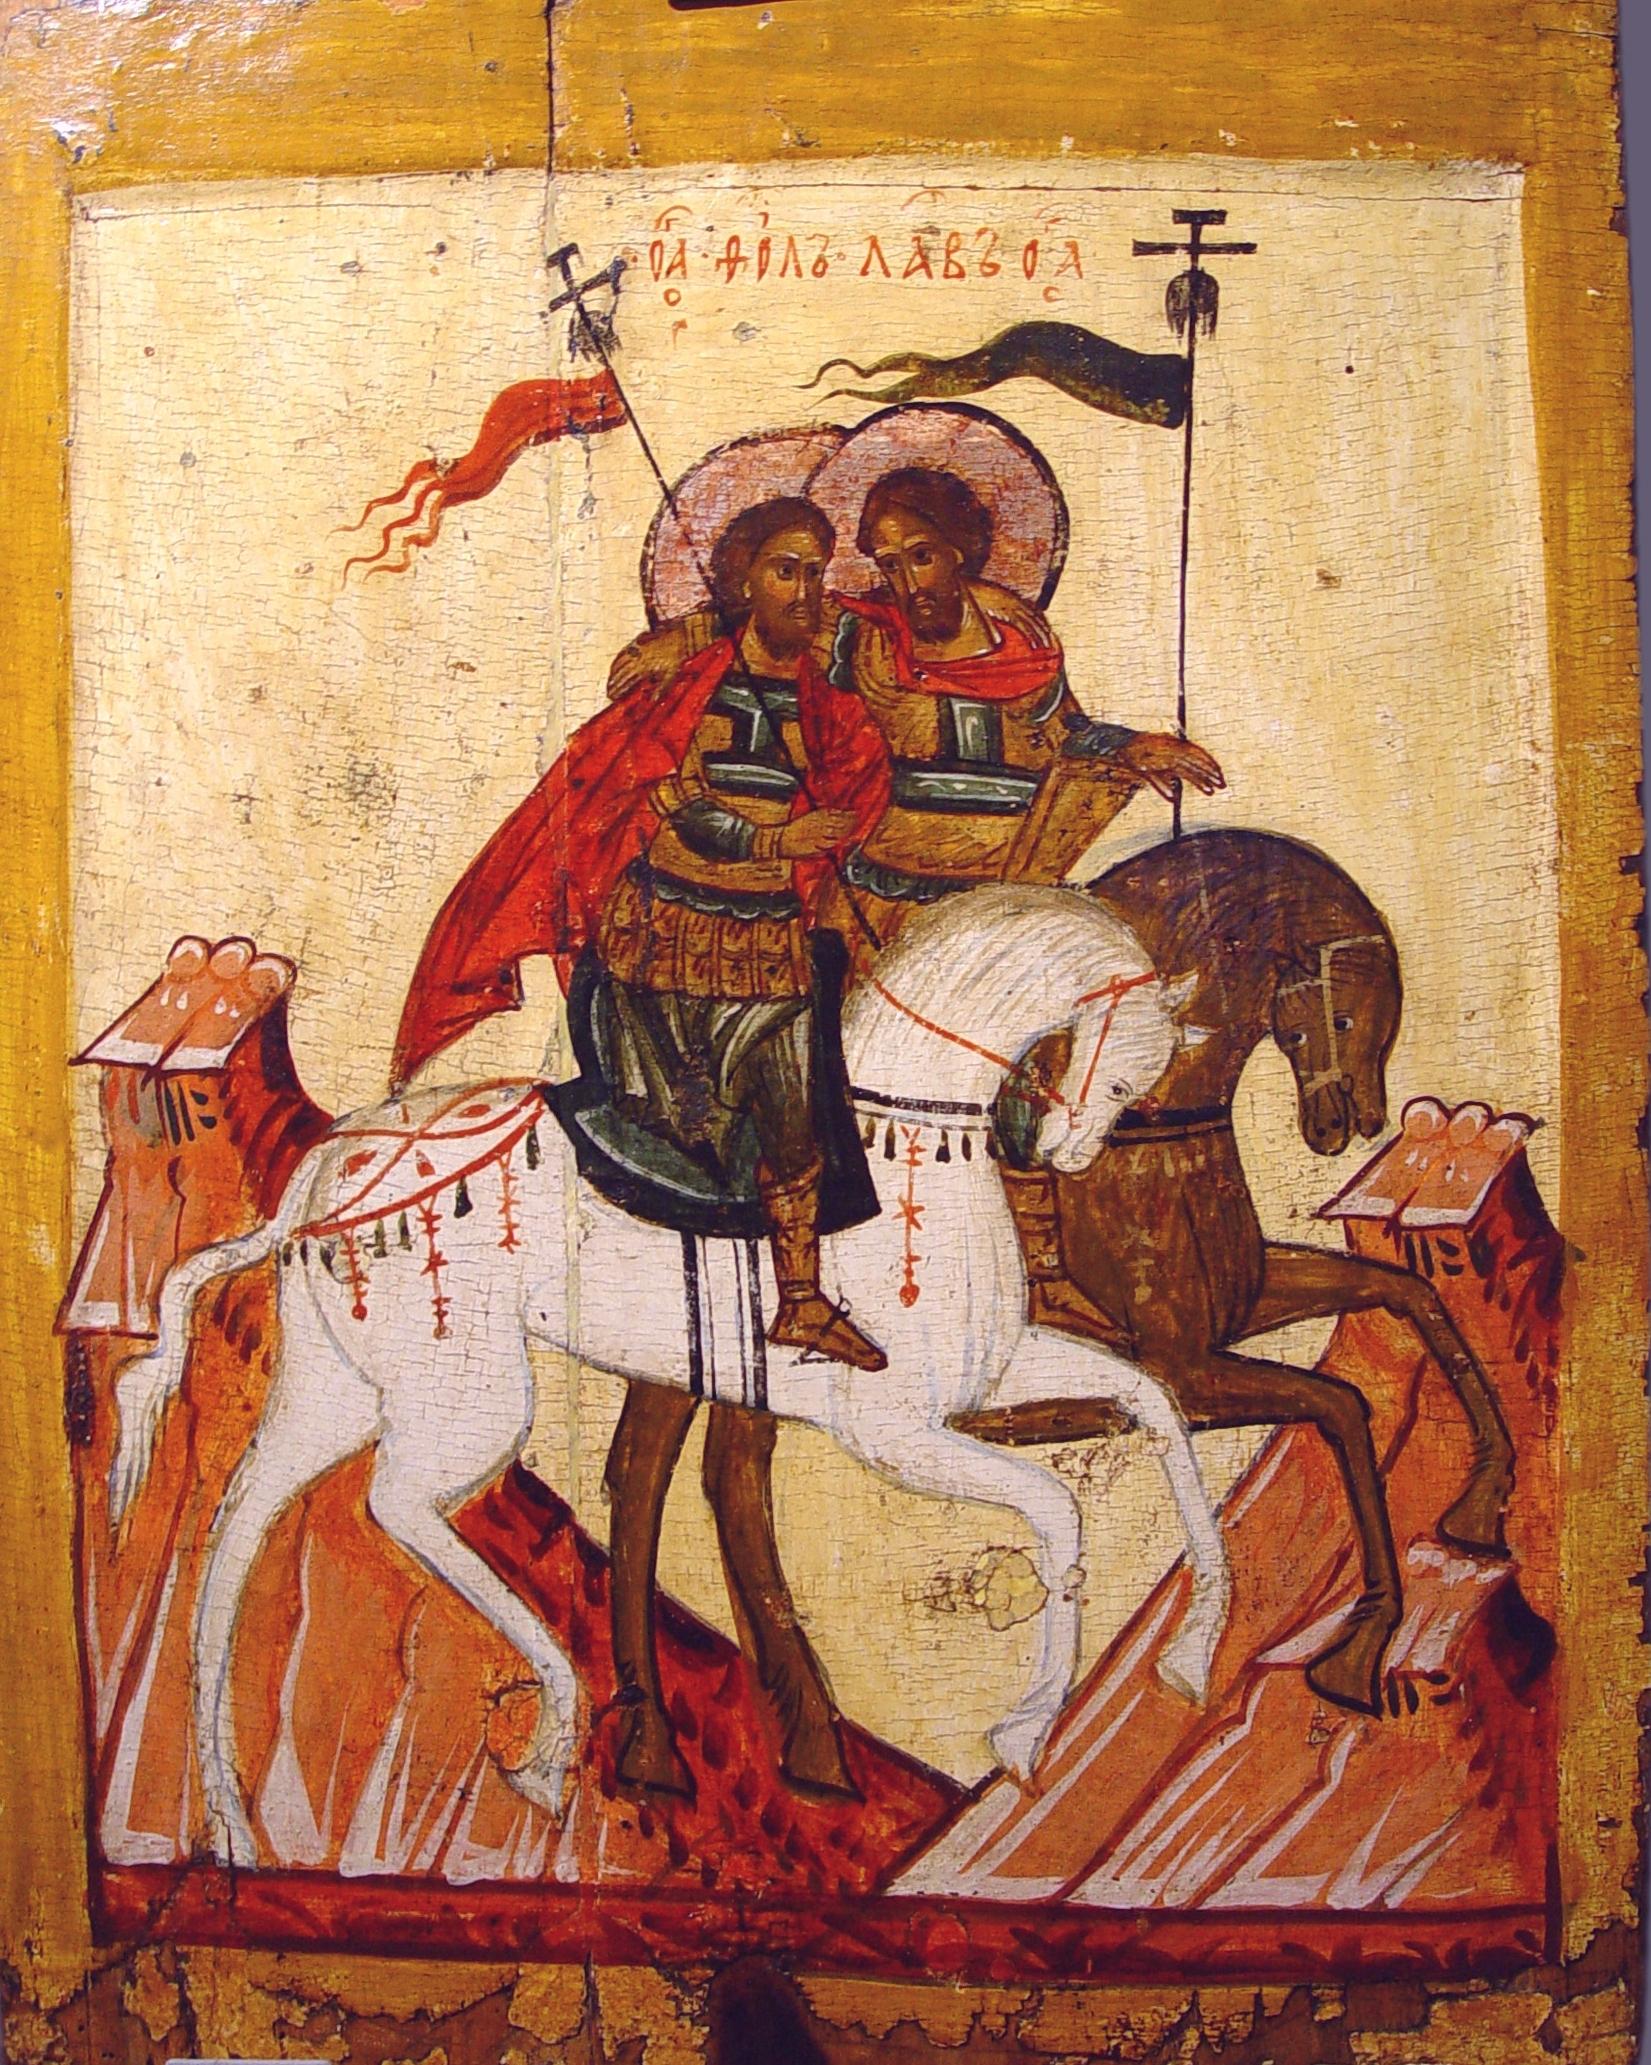 Святые мученики Флор и Лавр. Икона. Новгород, XVI век.